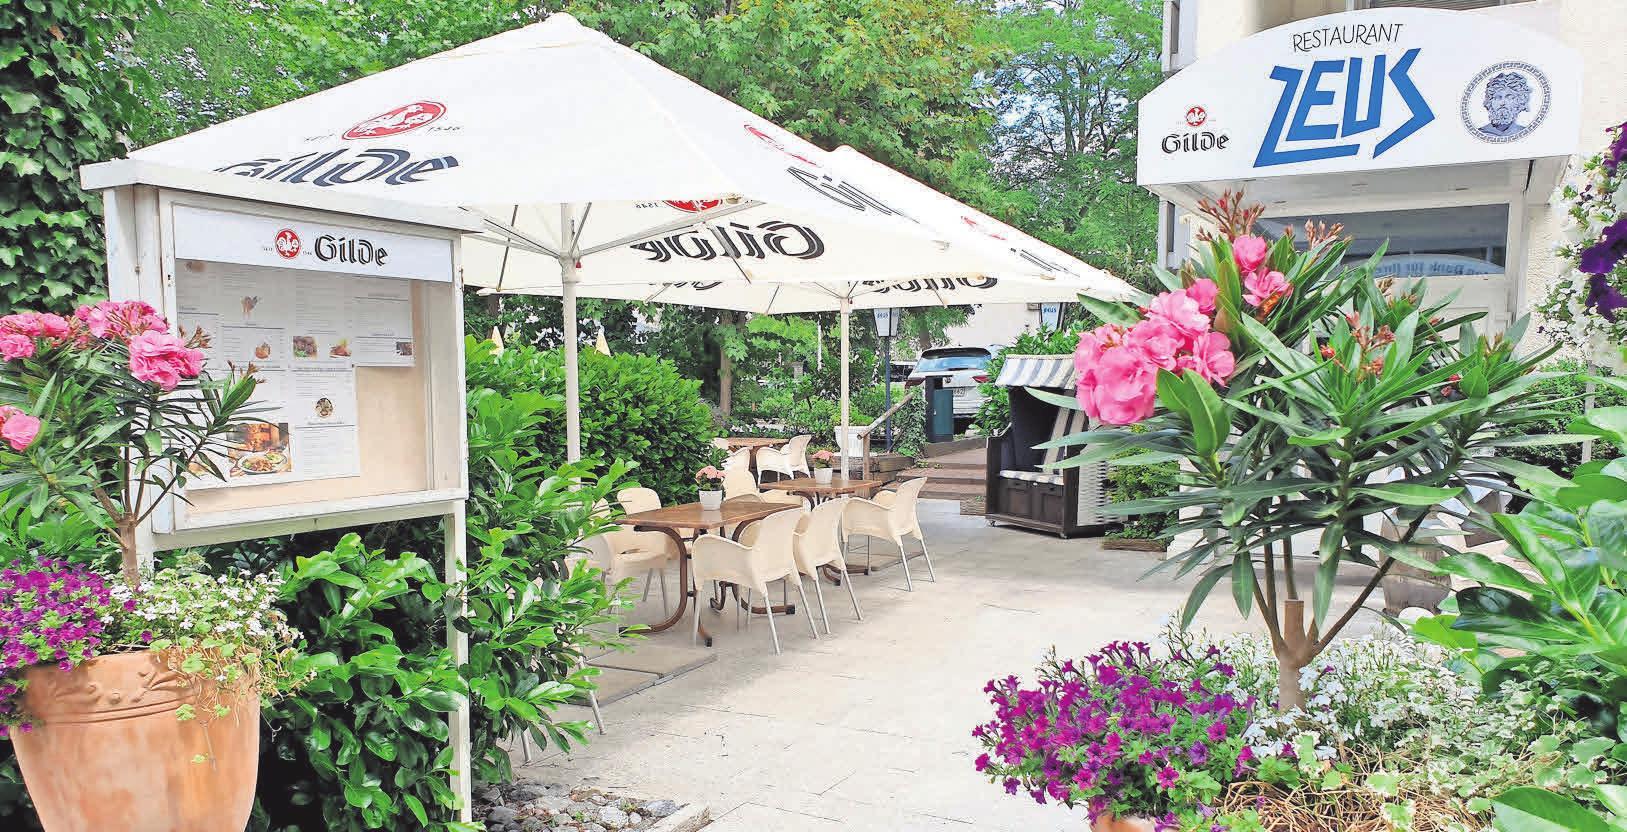 Speisen wie die Götter: Im Restaurant Zeus wird die griechisch-mediterrane Küche bei schönem Wetter auf der Sonnenterrasse des Biergartens aufgetischt.